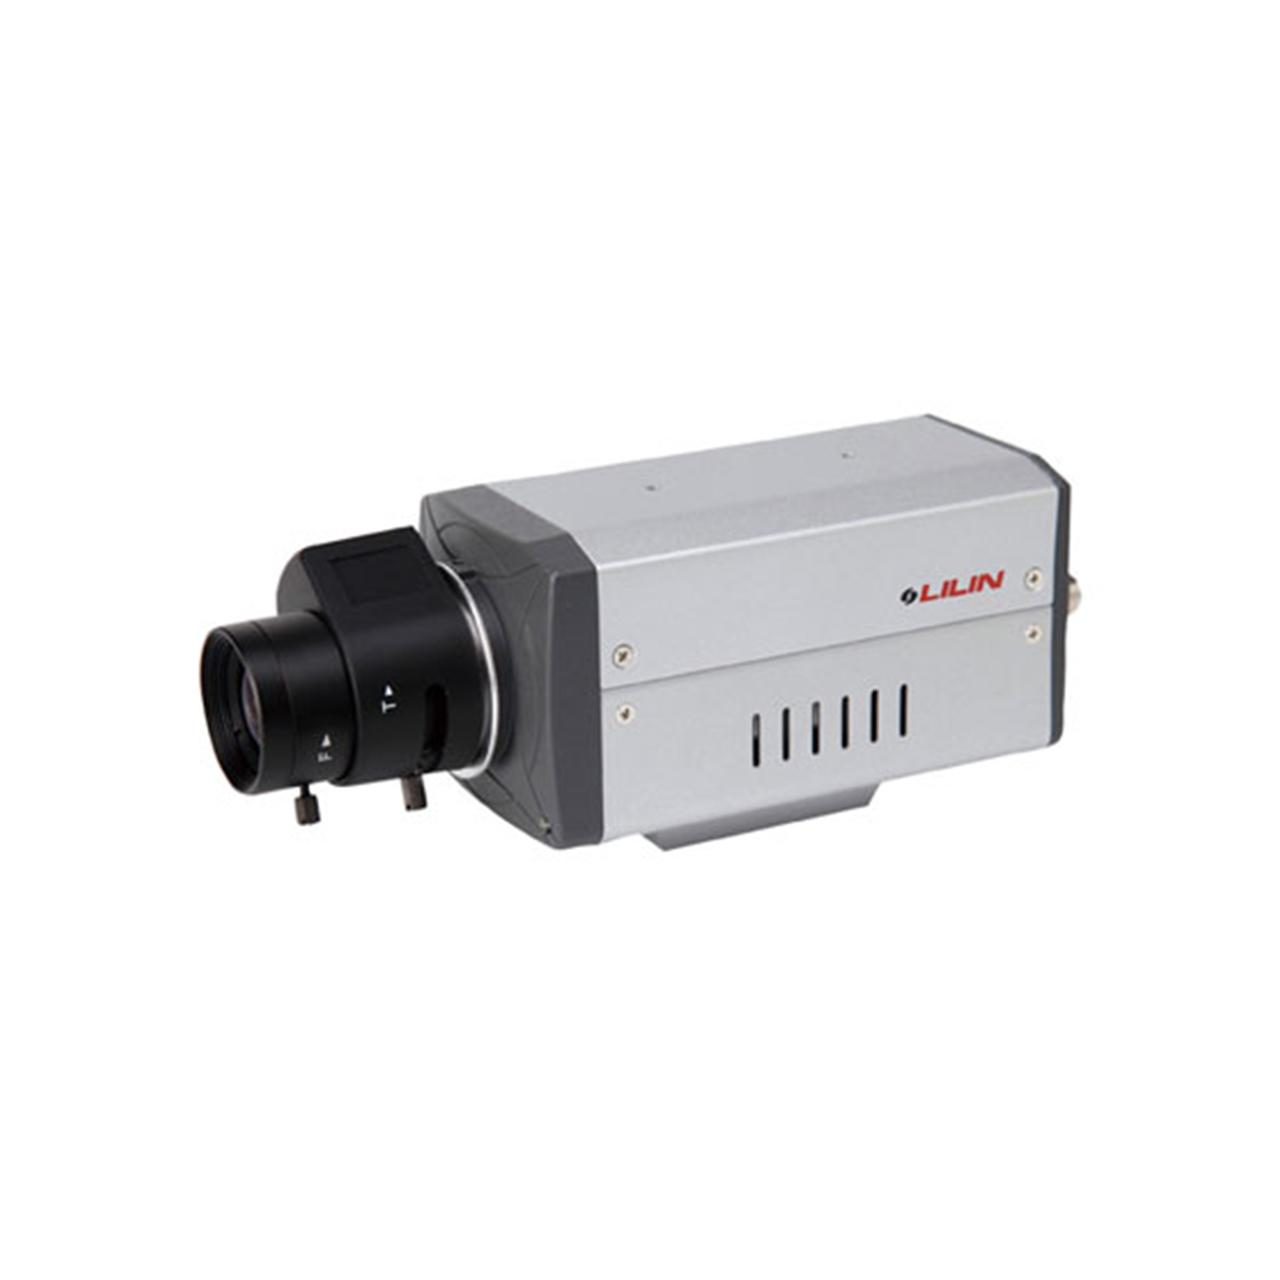 دوربین مداربسته آنالوگ لیلین مدل IPG012ES